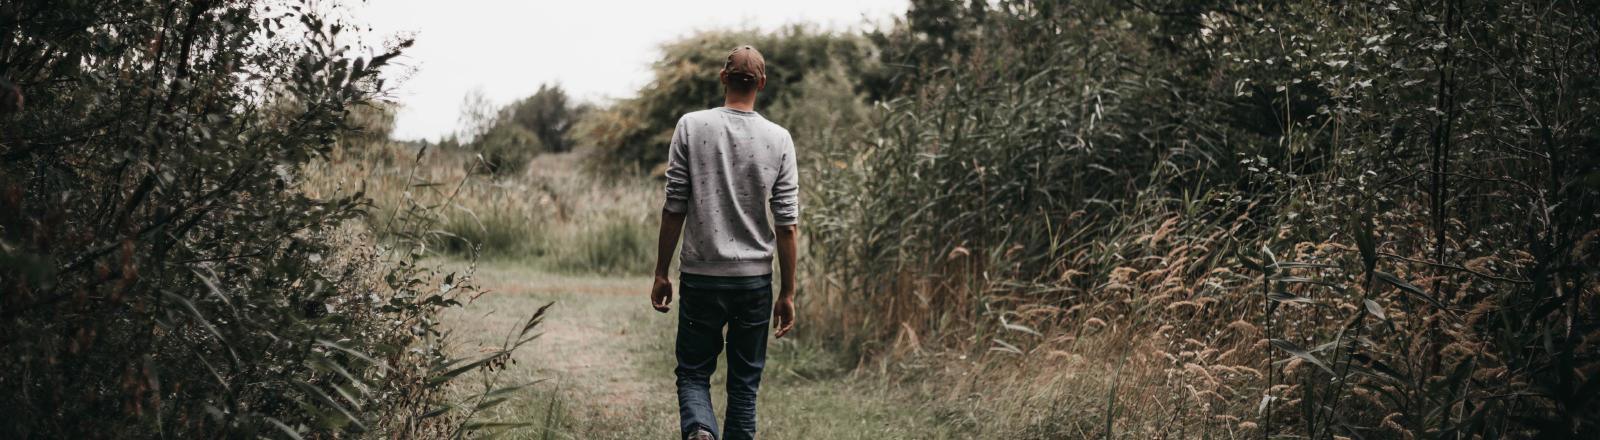 Mann geht in der Natur spazieren